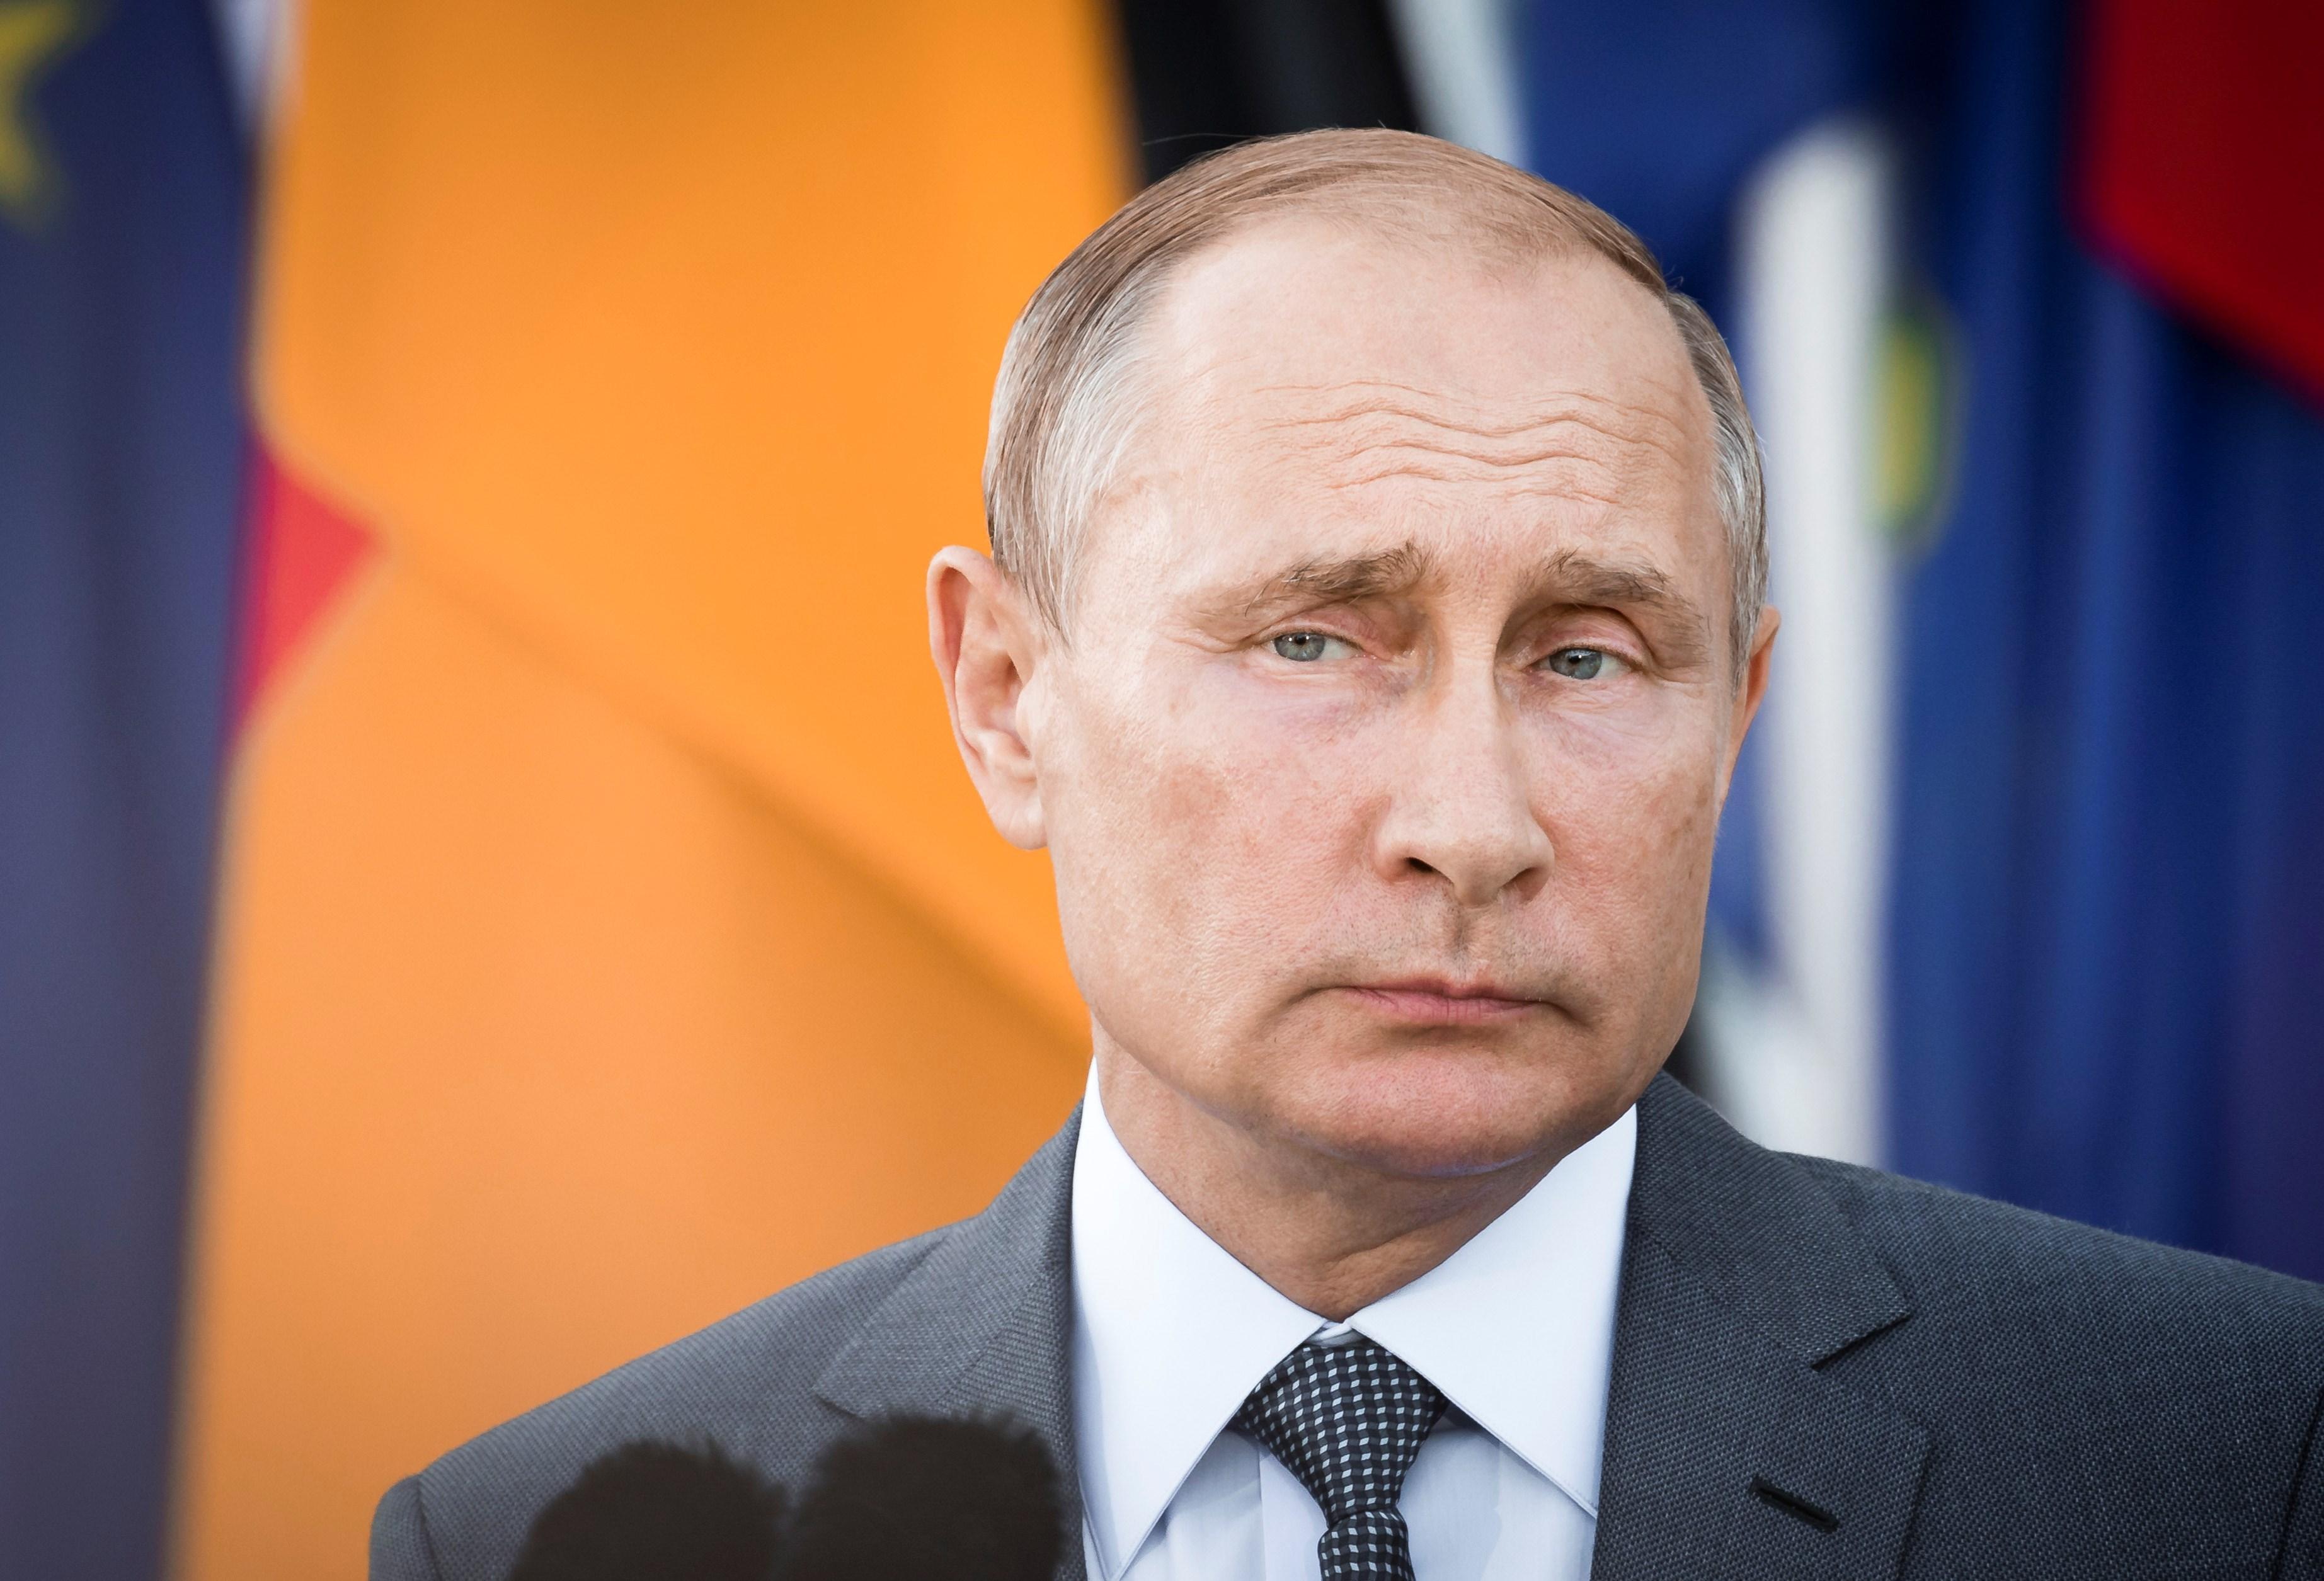 بوتين يقر خطة ضمان الأمن القومي لمنطقة القطب الشمالي حتى عام 2035